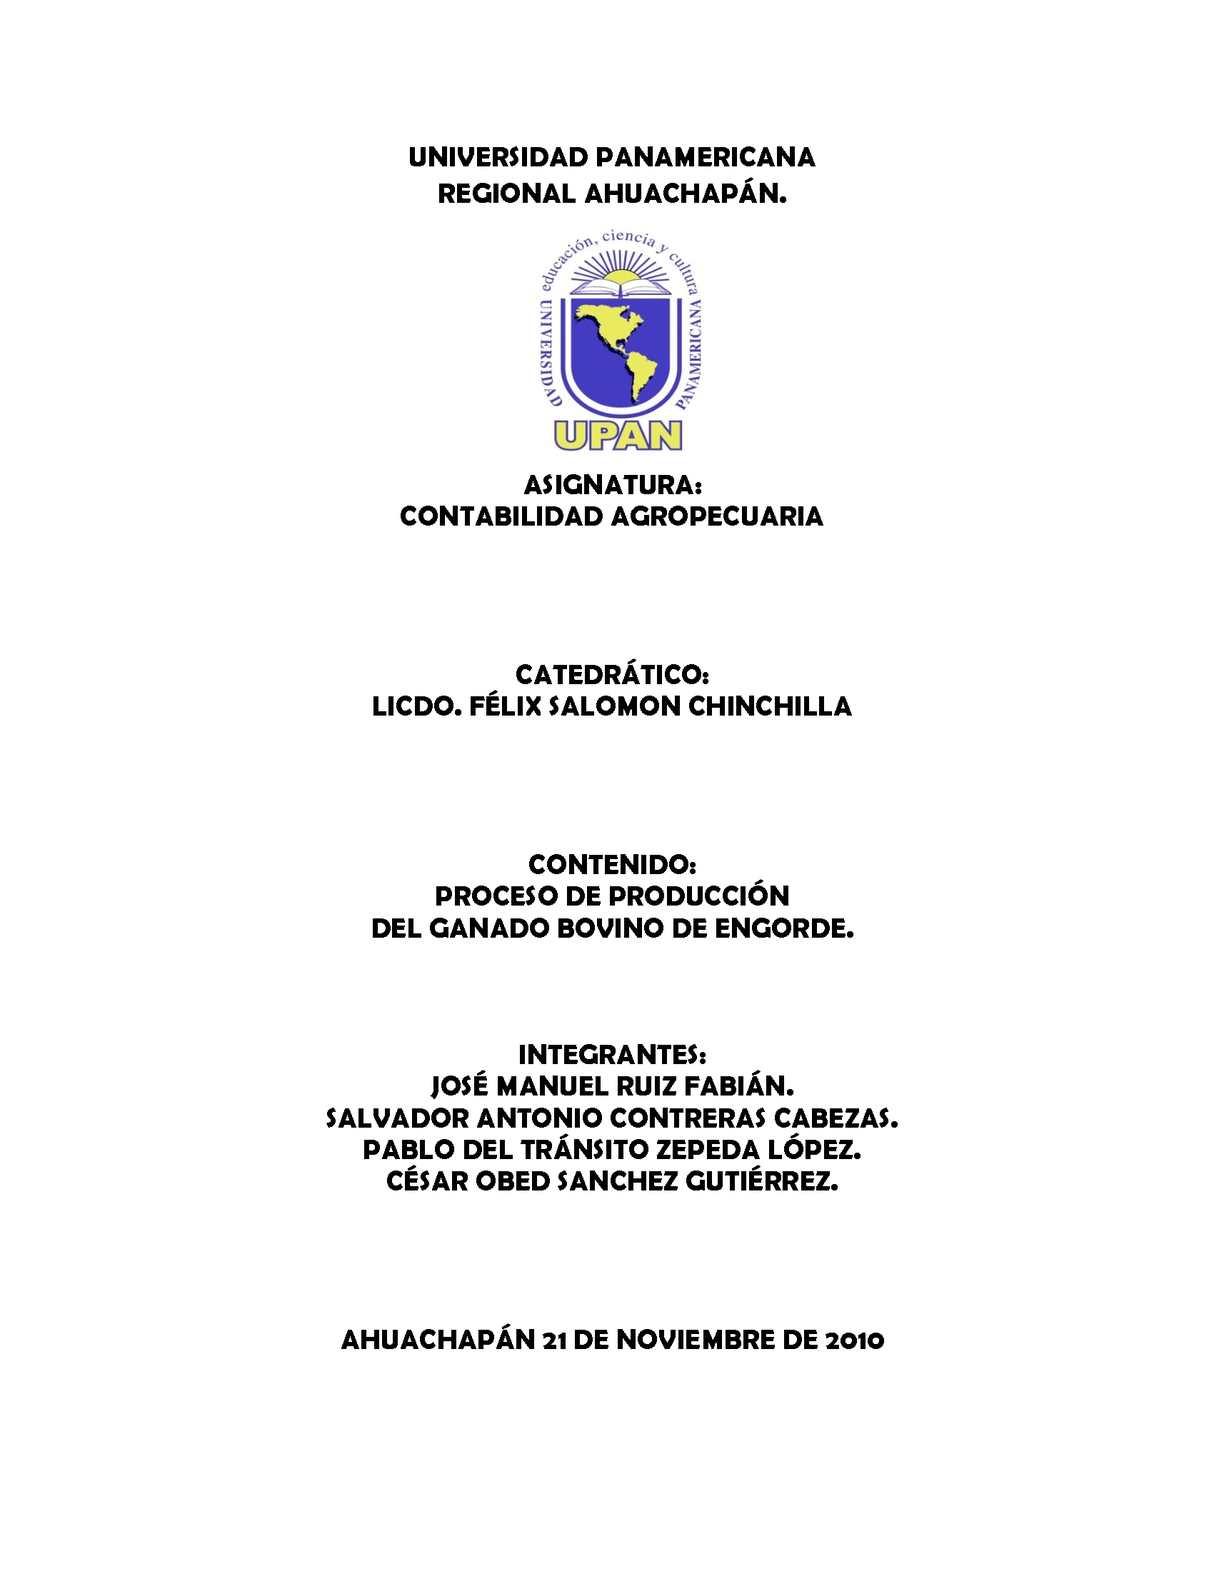 Calaméo - PROCESO DE PRODUCCIÓN DEL GANADO BOVINO DE ENGORDE